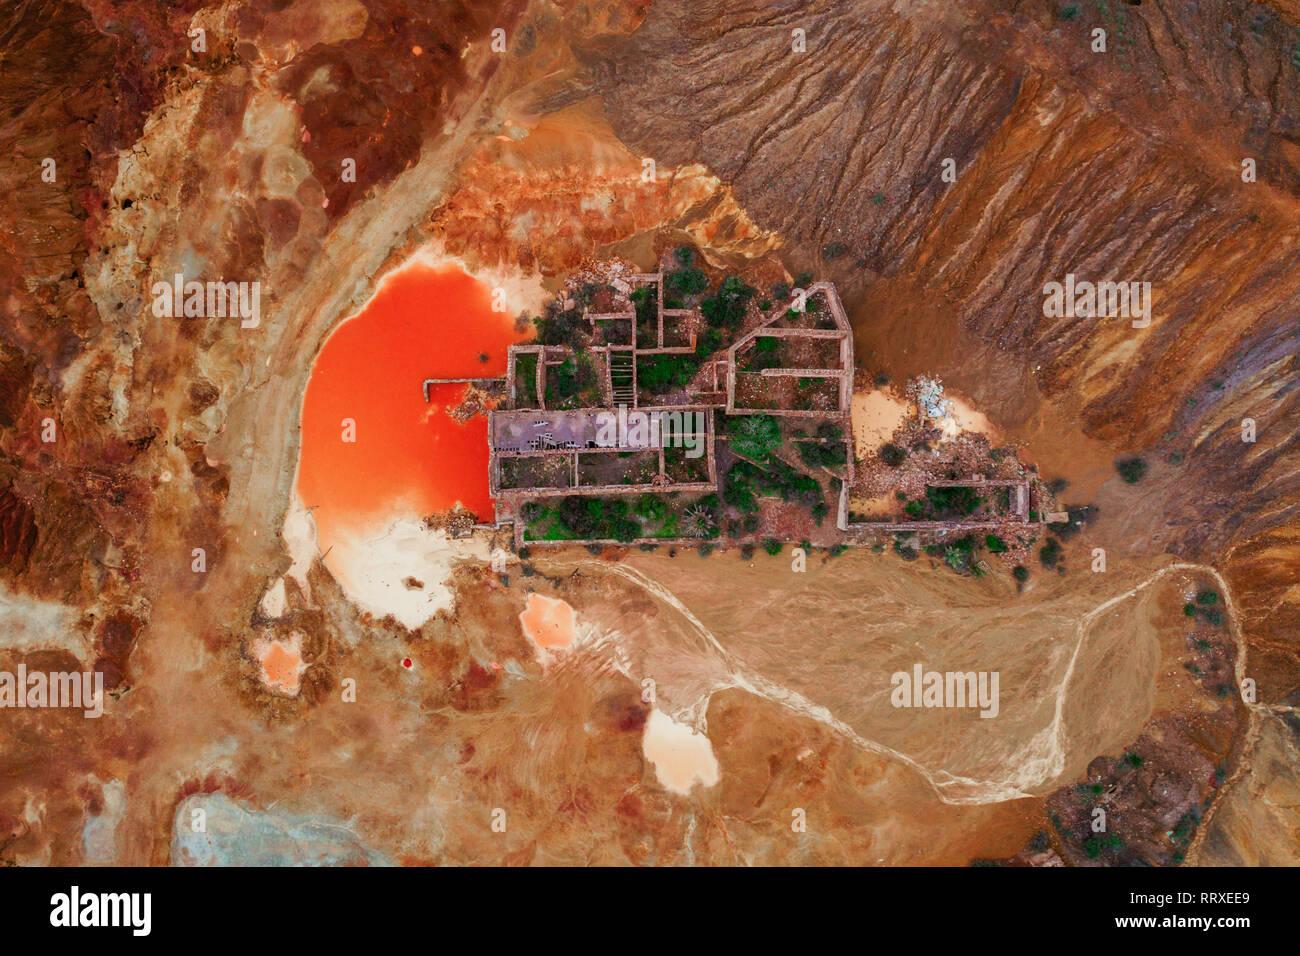 Von oben Luftbild zu historischen Ruinen in orange Masse Stockbild